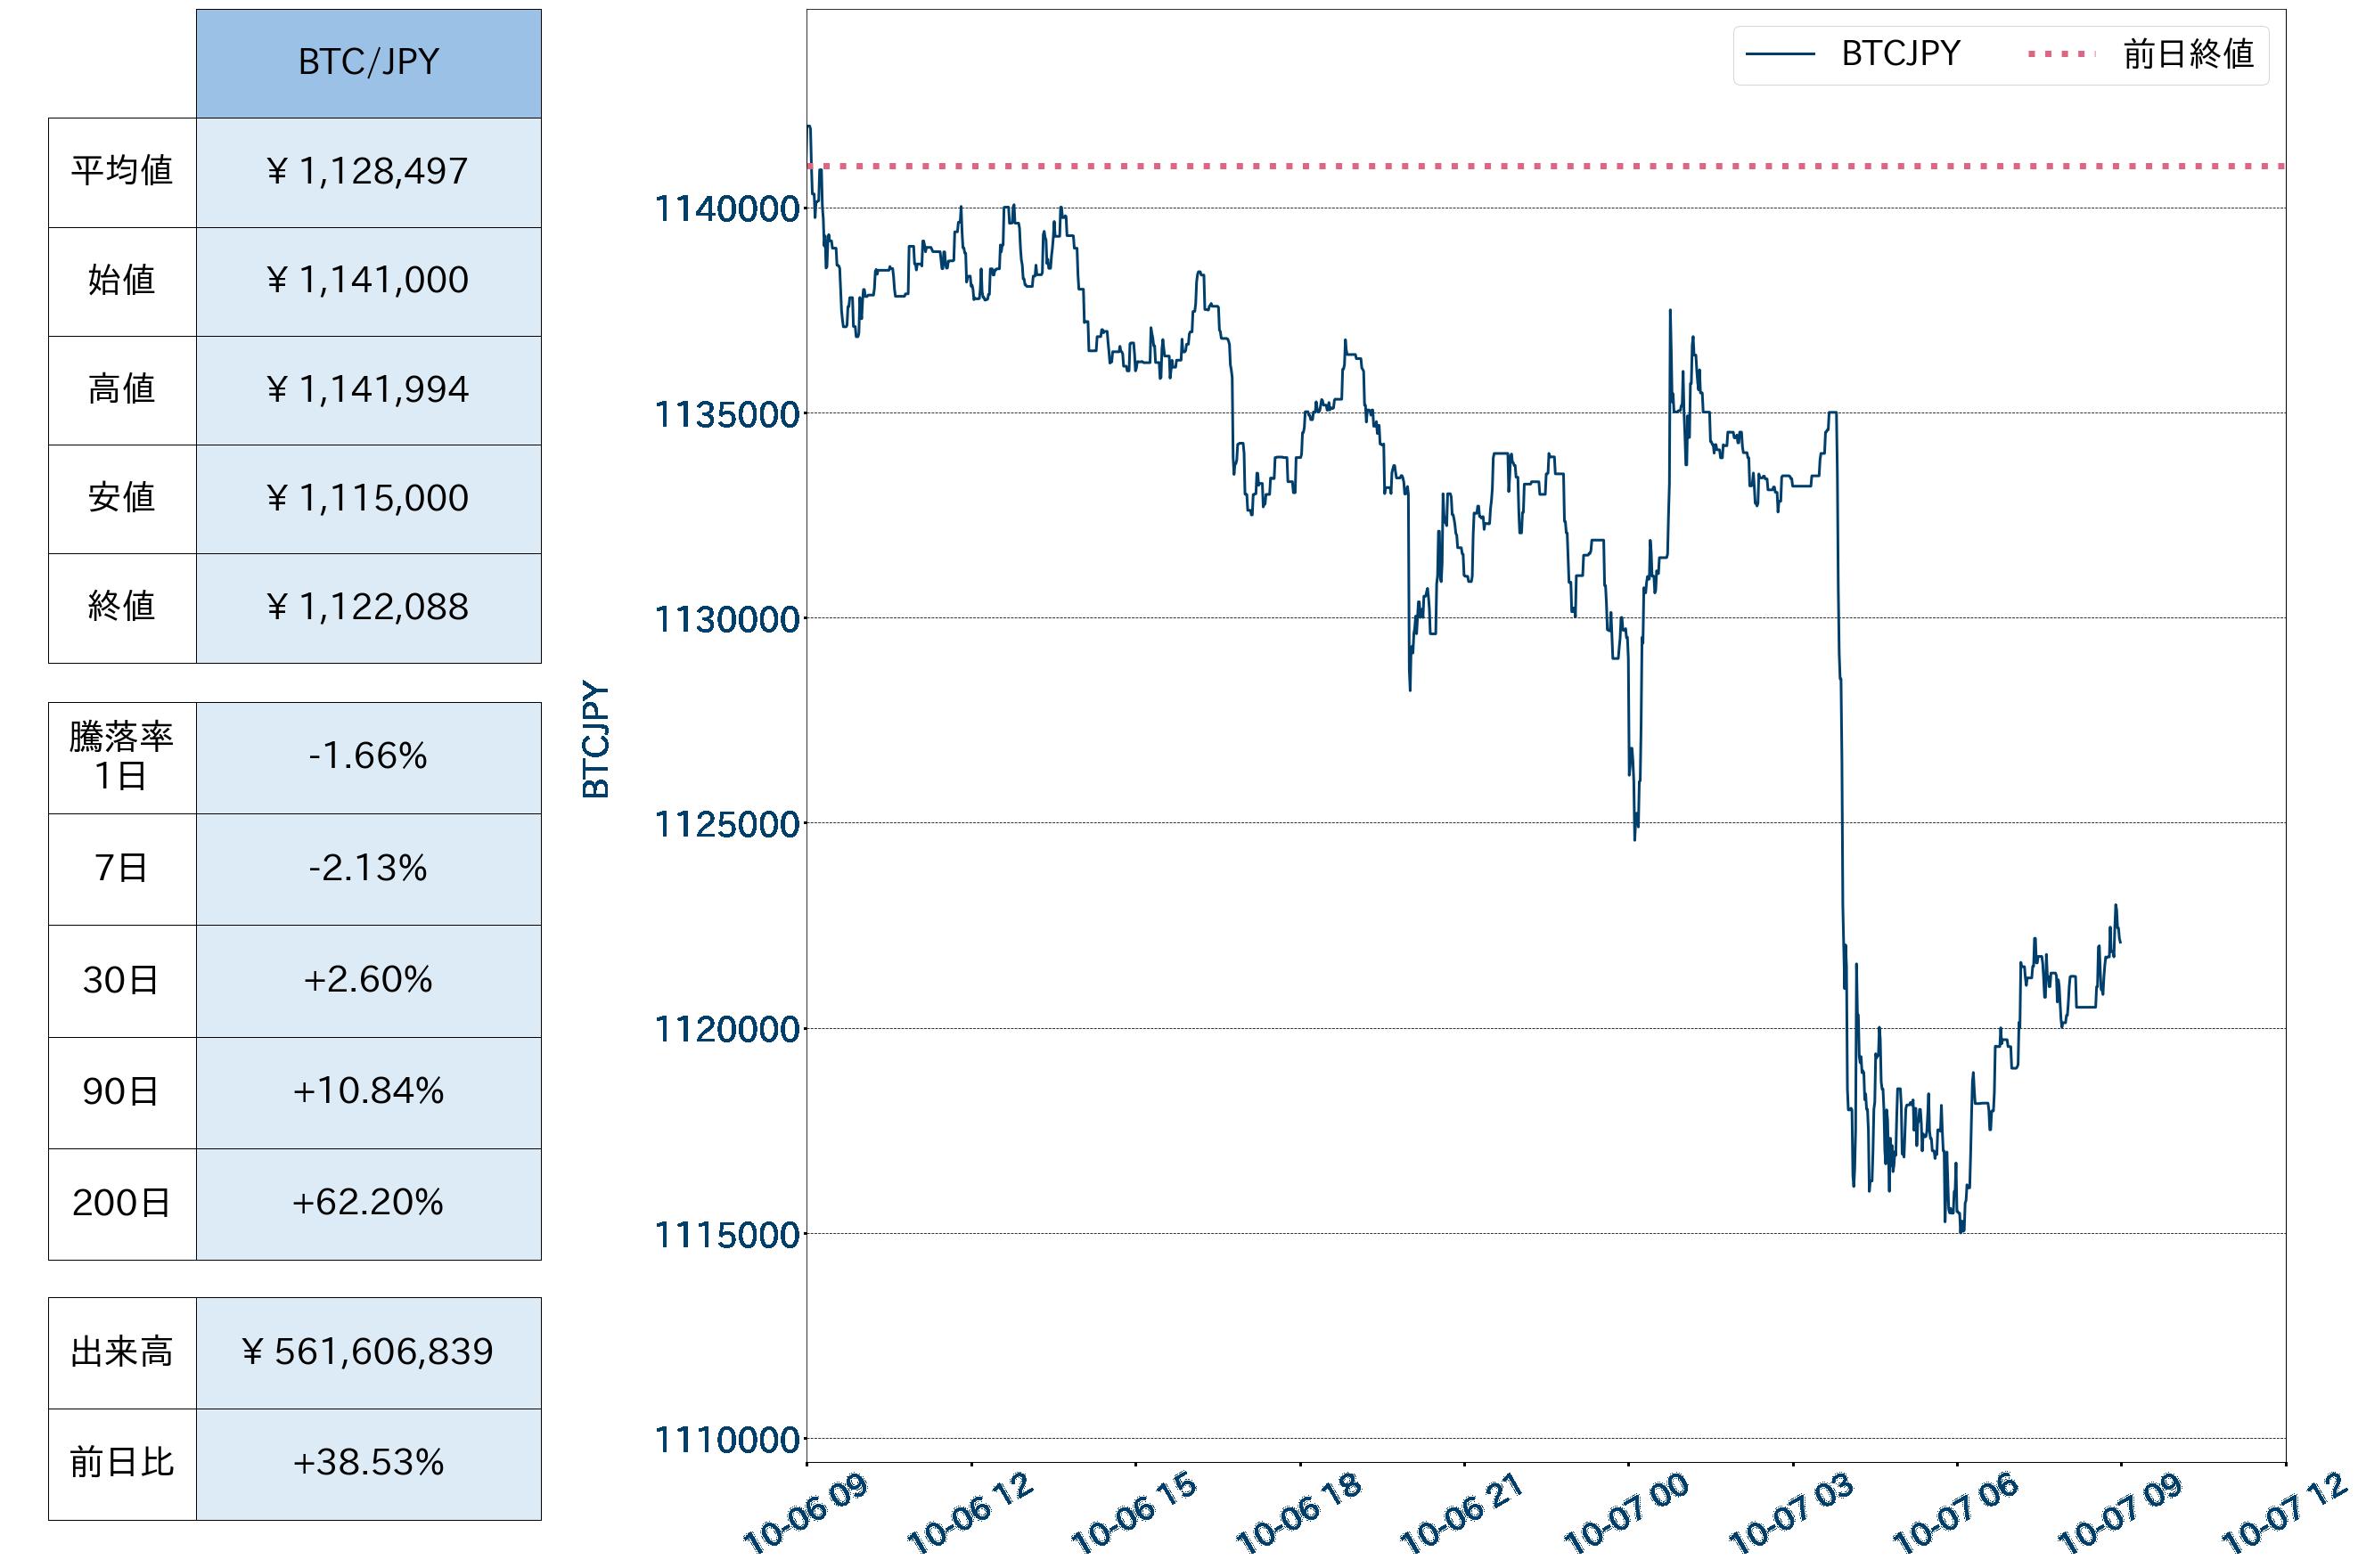 (%) ビットコイン・ボラティリティ指数 - チャート対日本円およびその他